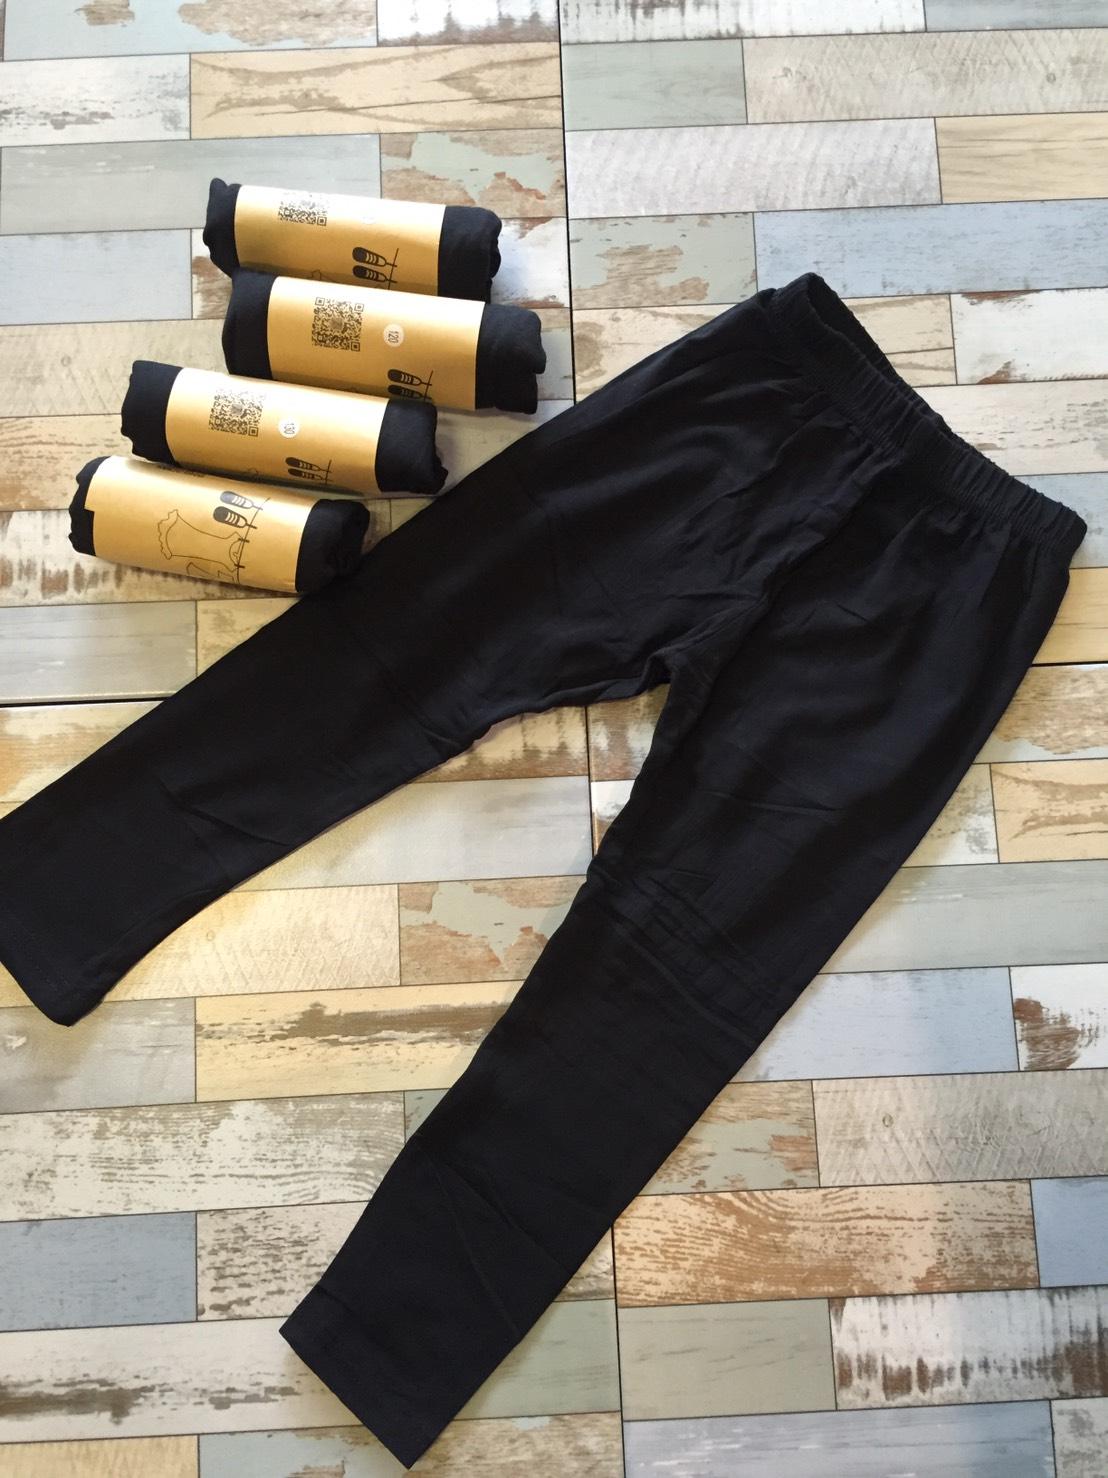 เลกกิ้งสีดำล้วน ผ้ายืด contton แพค 5 ตัว ขนาด 90-130